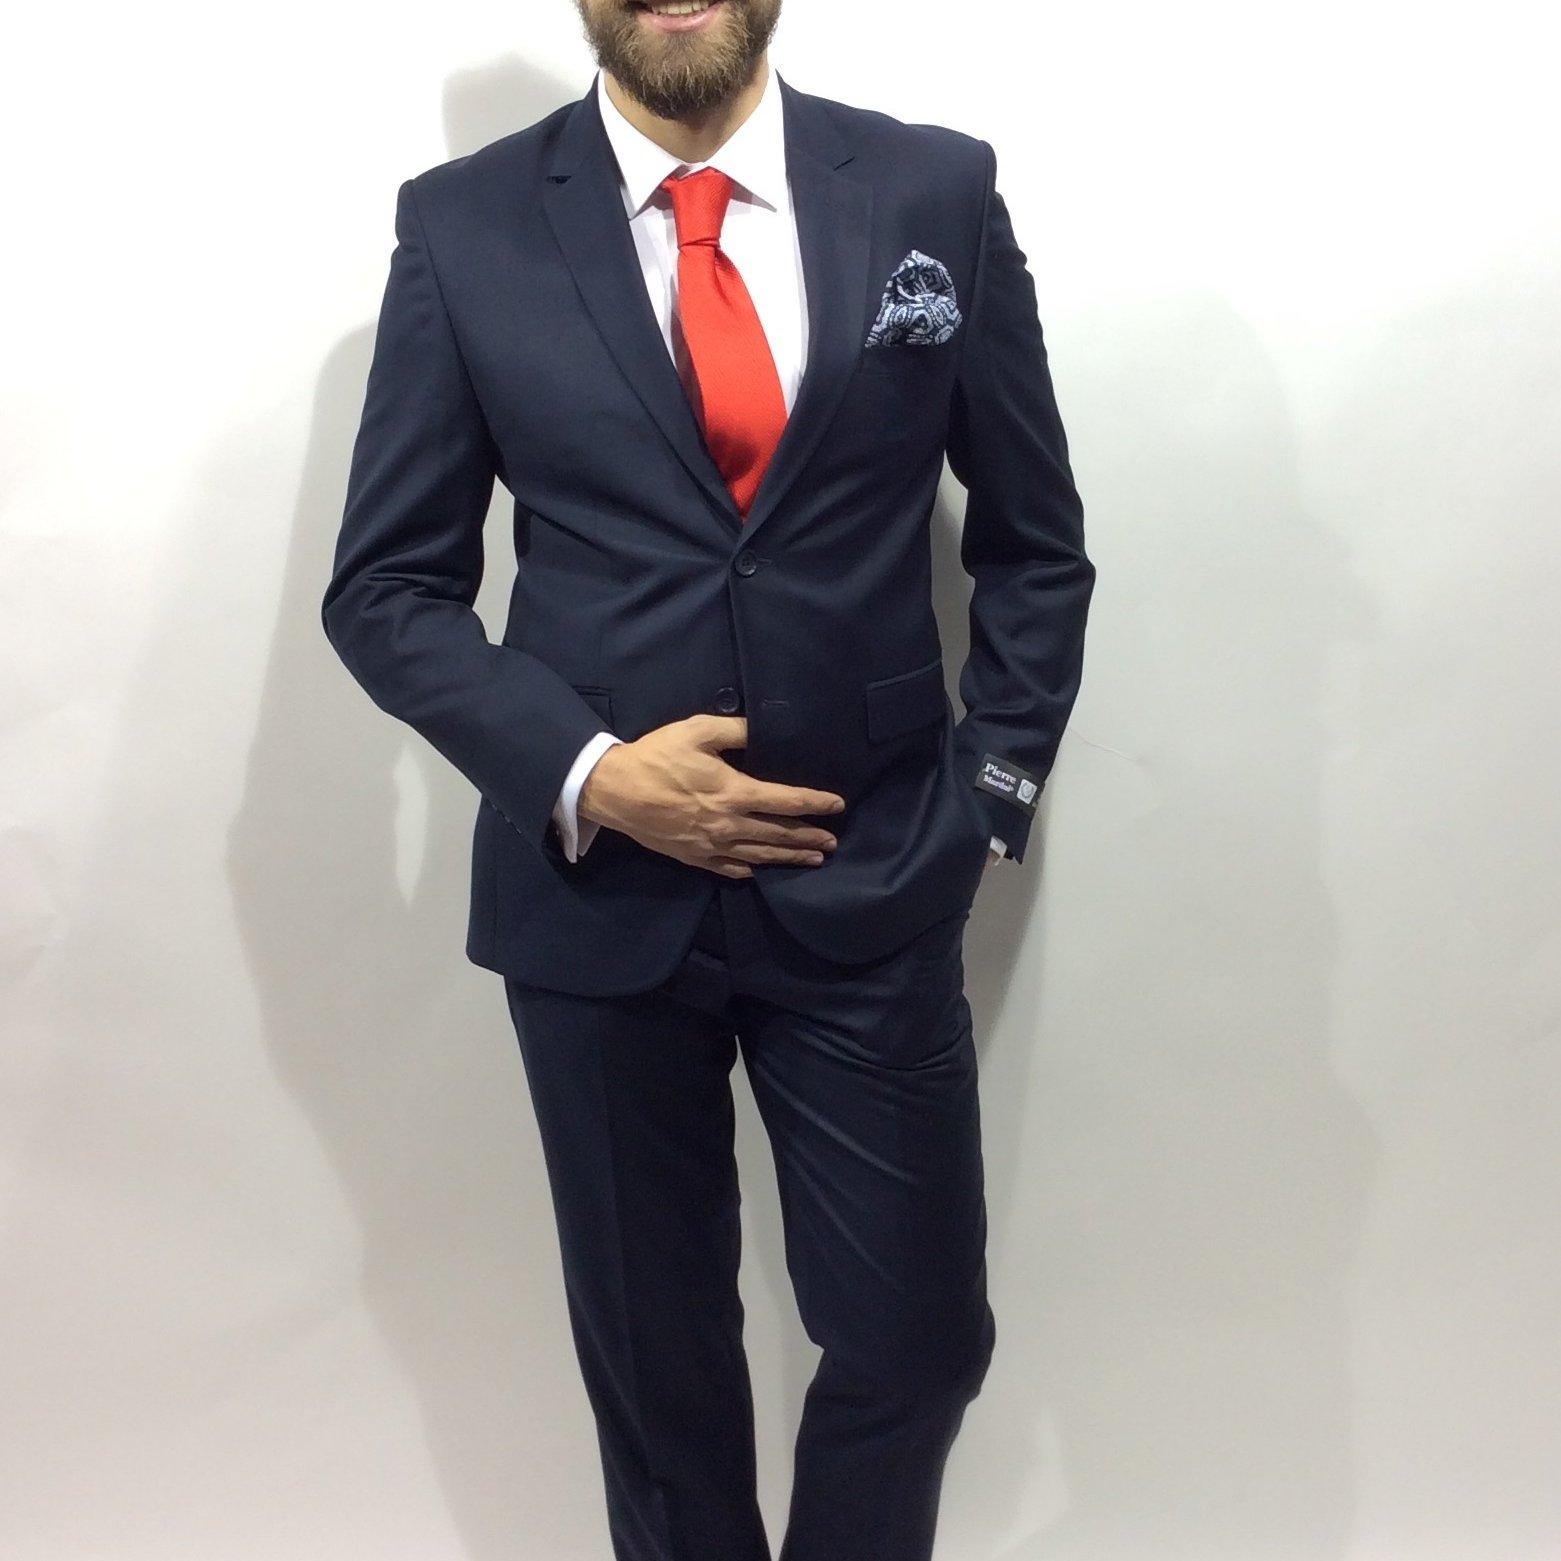 Галстук к синему костюму на свадьбу фото